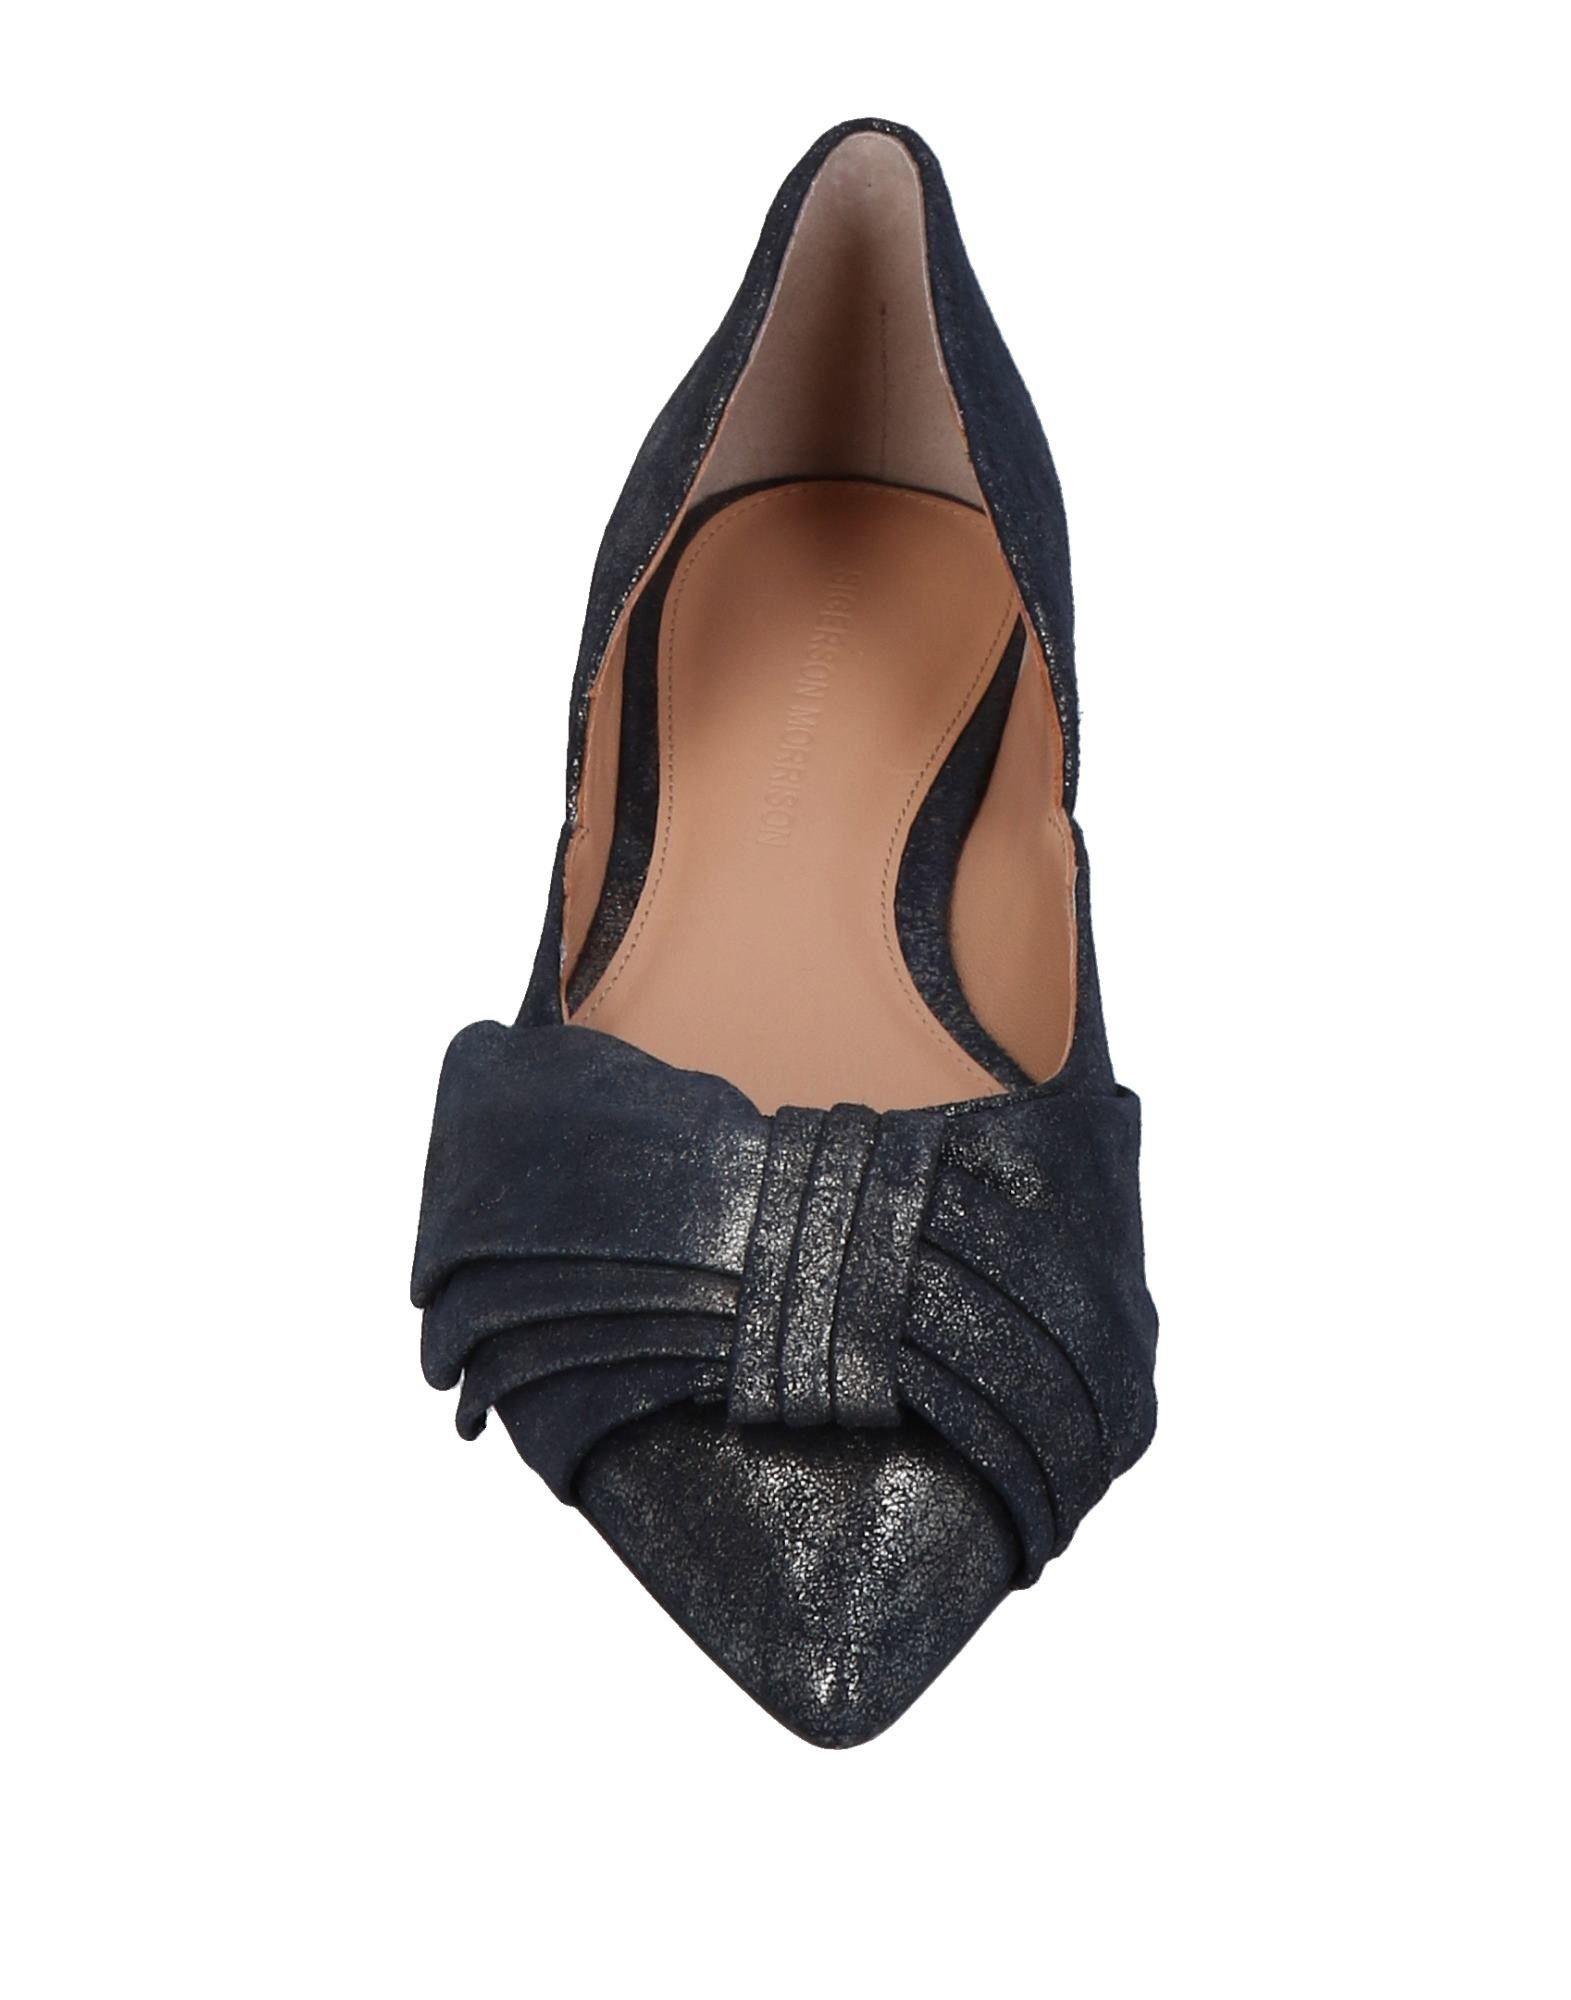 Stilvolle Ballerinas billige Schuhe Sigerson Morrison Ballerinas Stilvolle Damen  11452684VS 6f4527